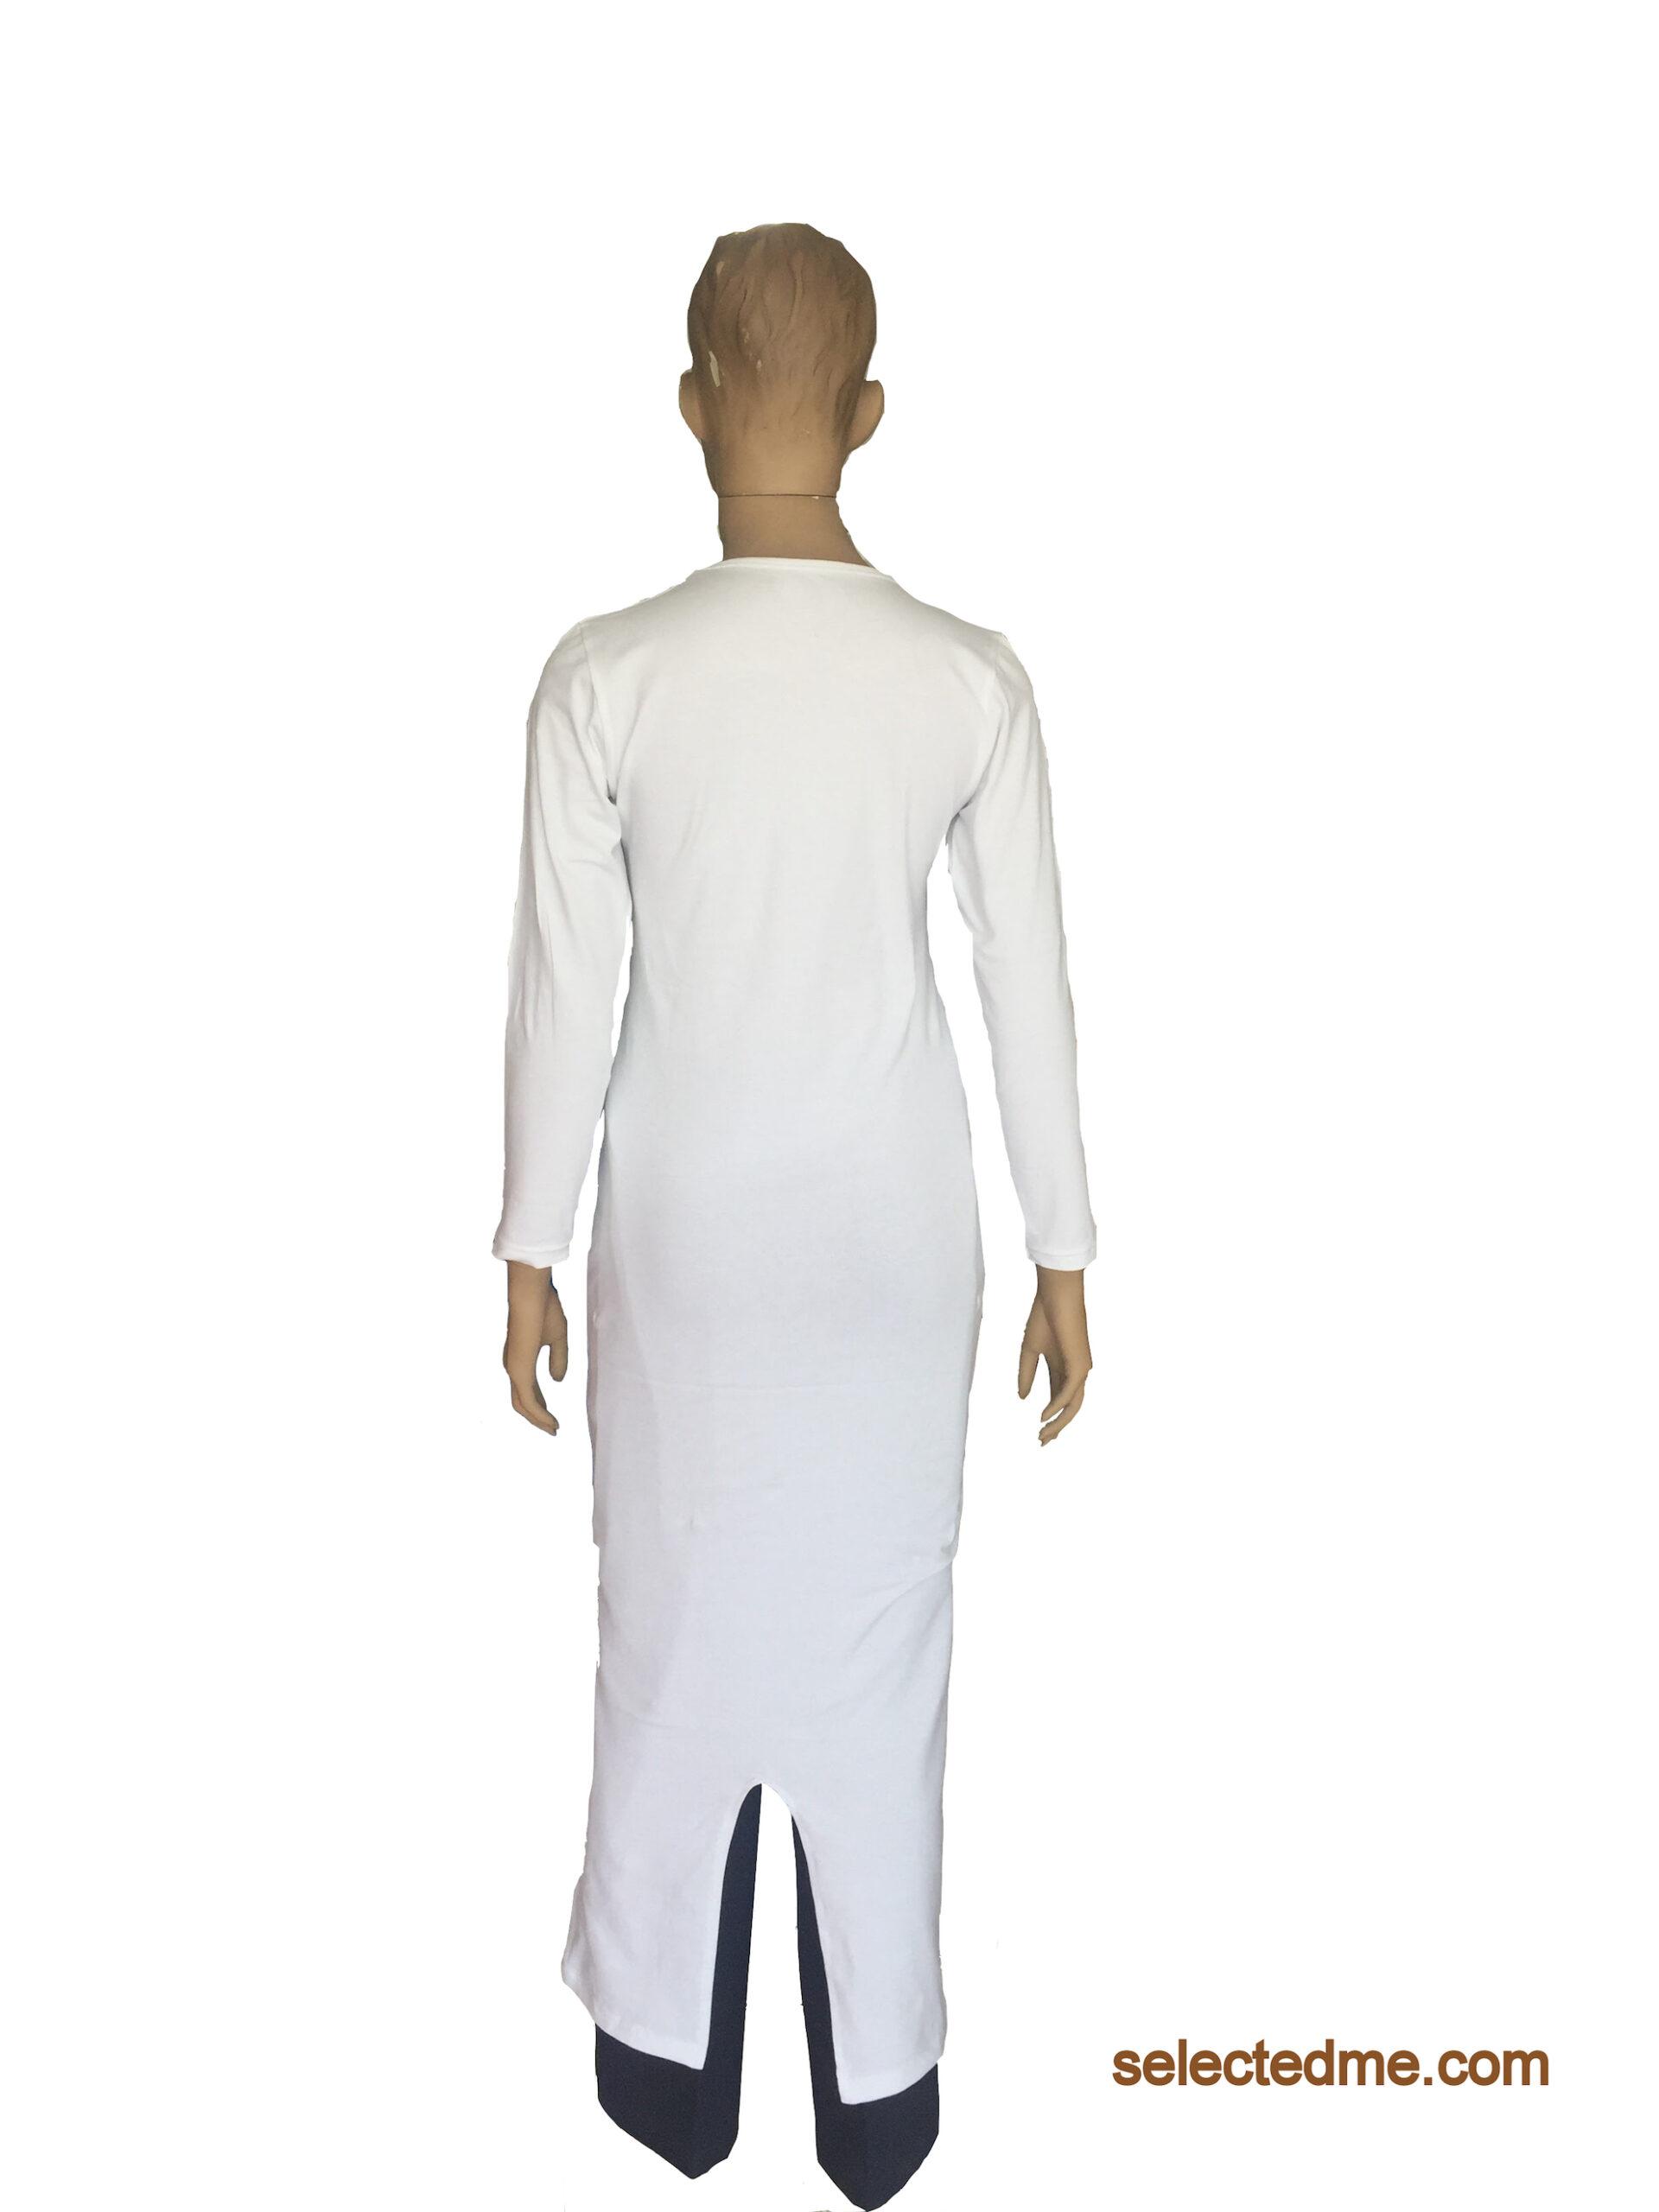 Arabic Long Dress for Female back side